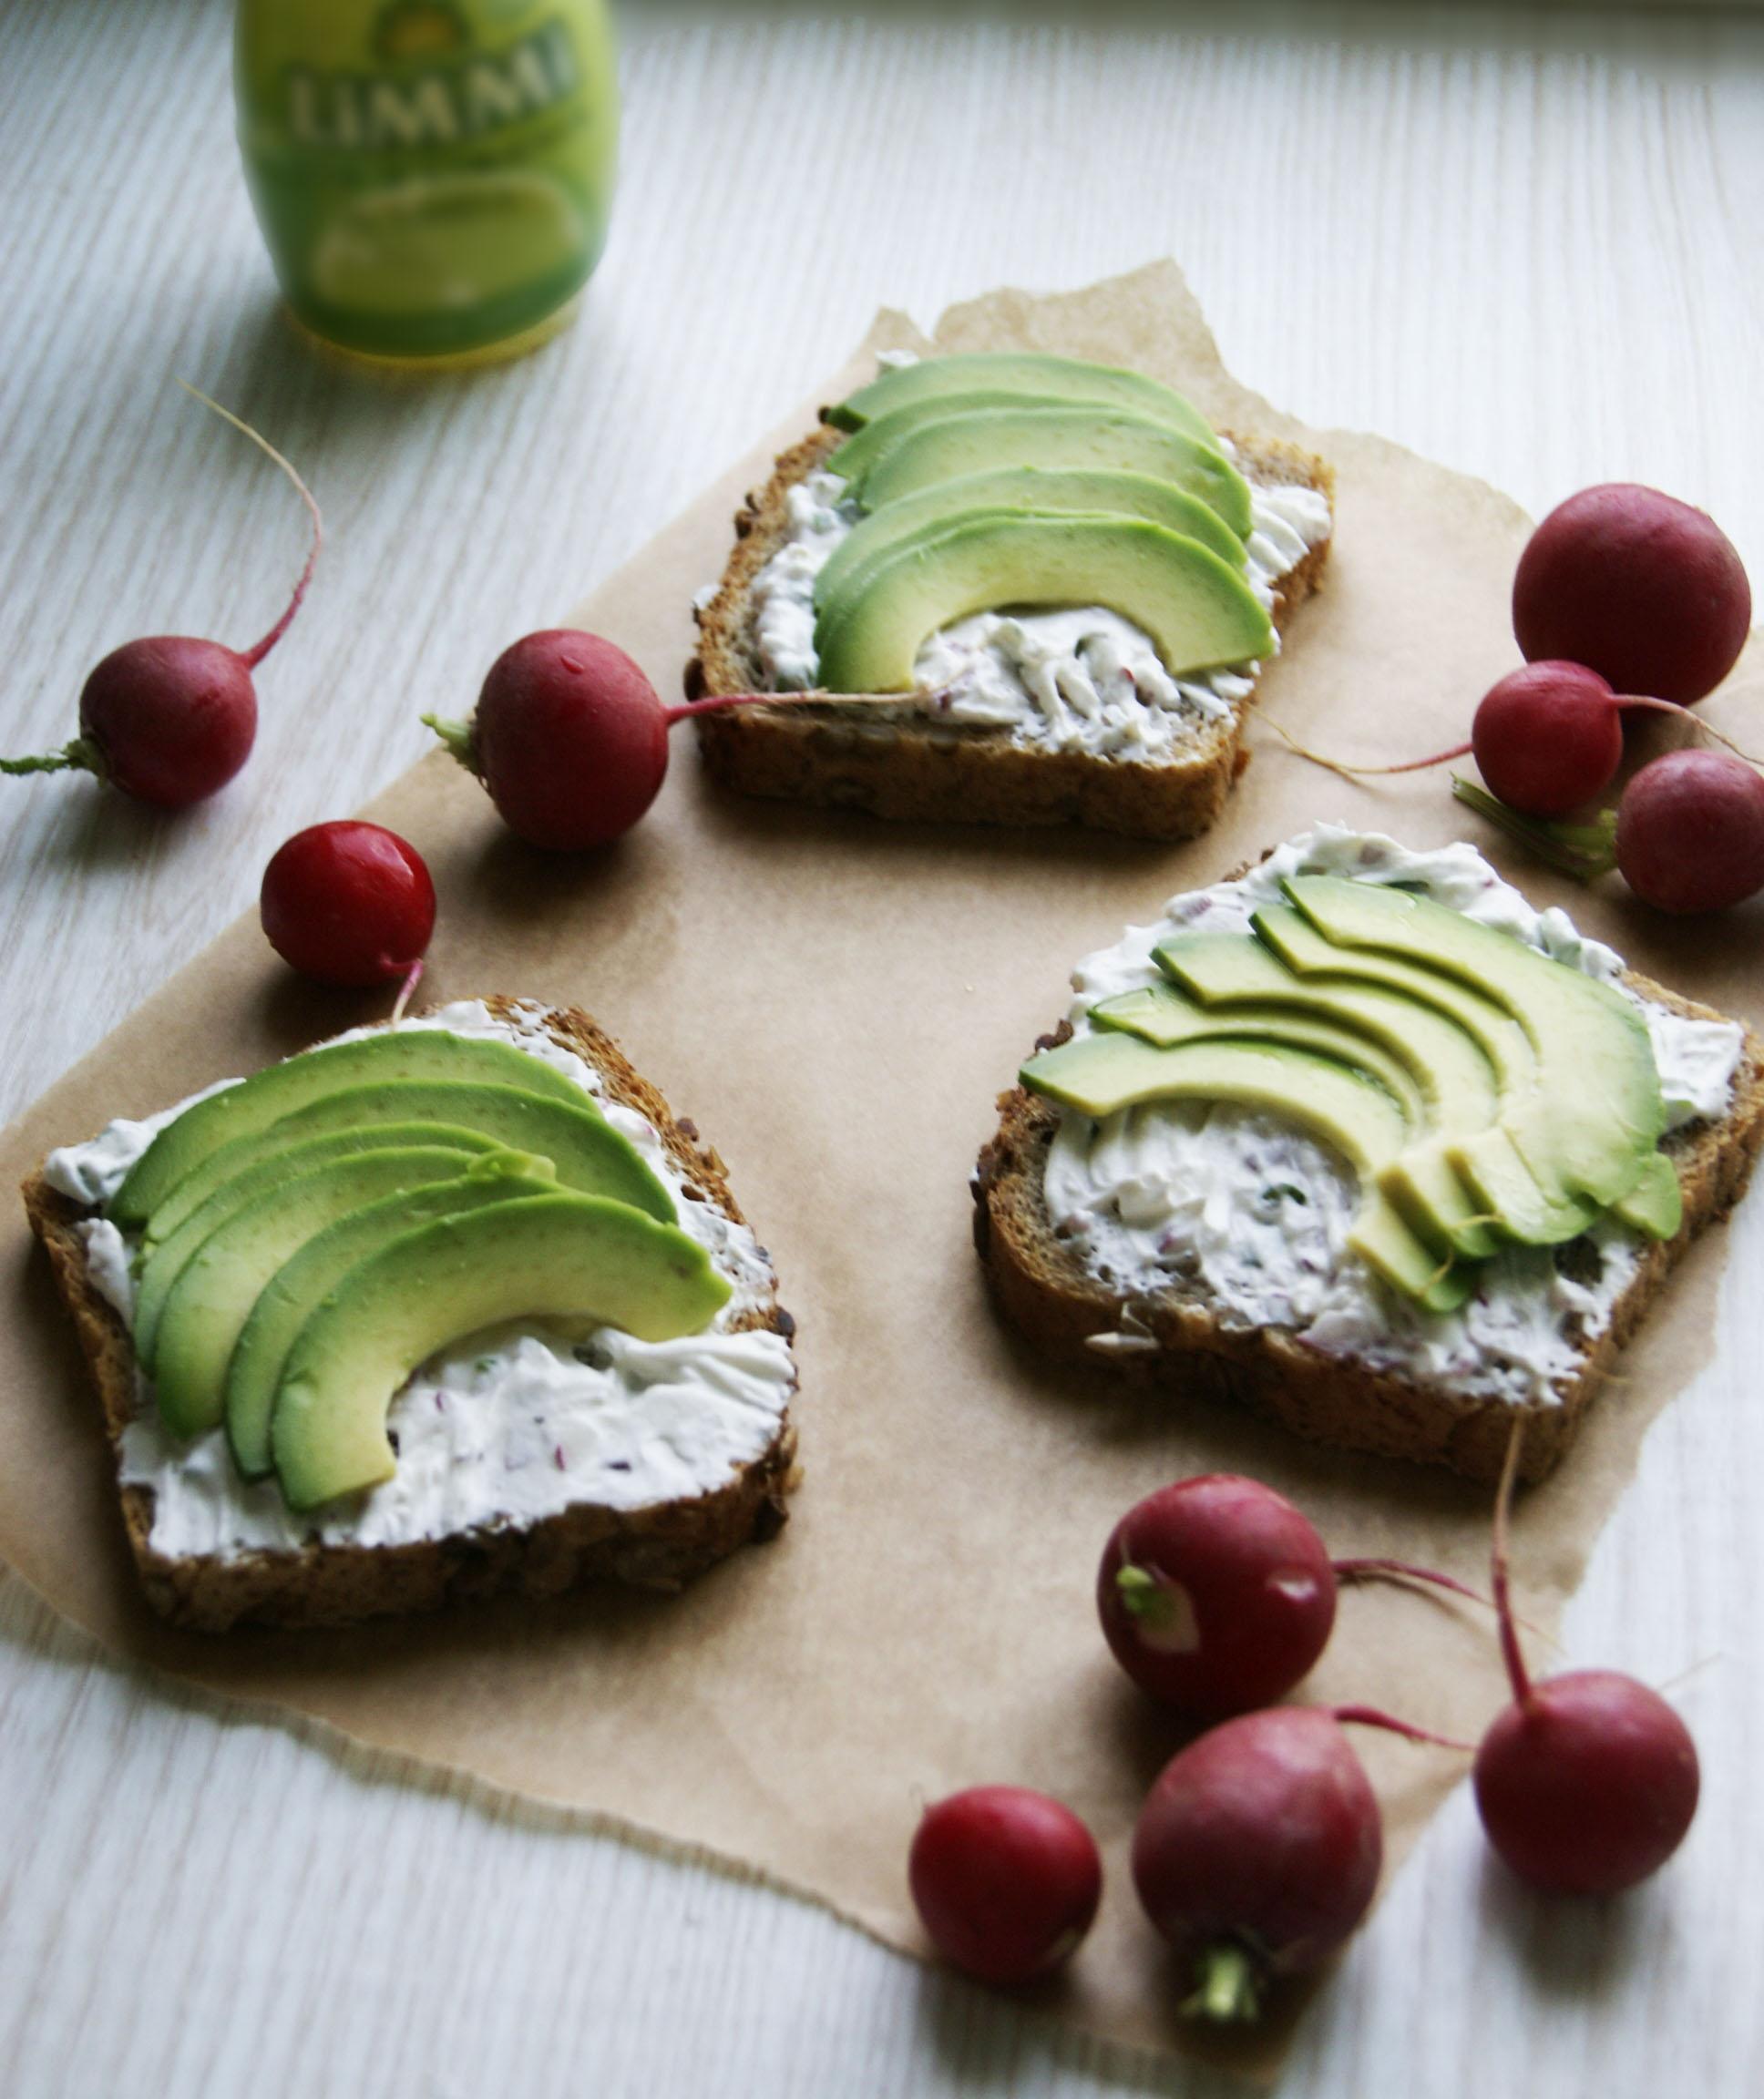 kanapki-z-twarozkiem-i-avocado